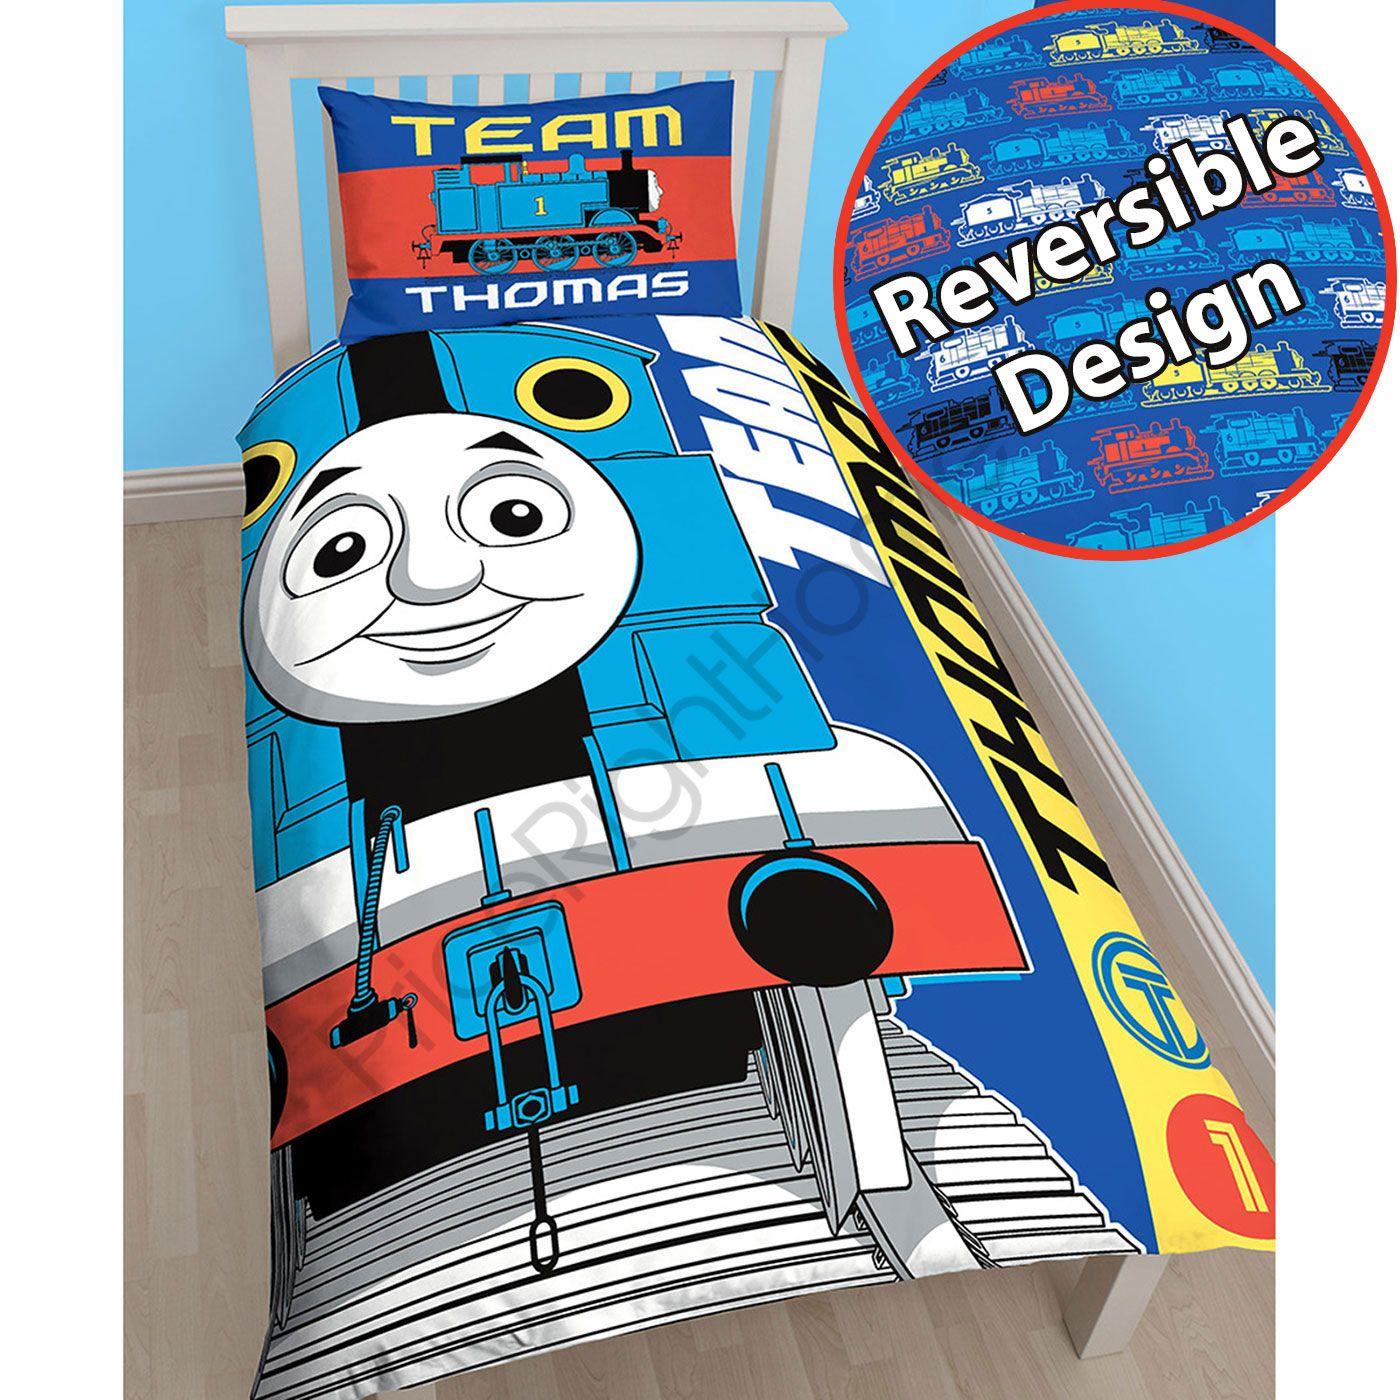 Thomas-the-Tank-Engine-equipe-duvet-individuel-panneau-183cm-rideaux